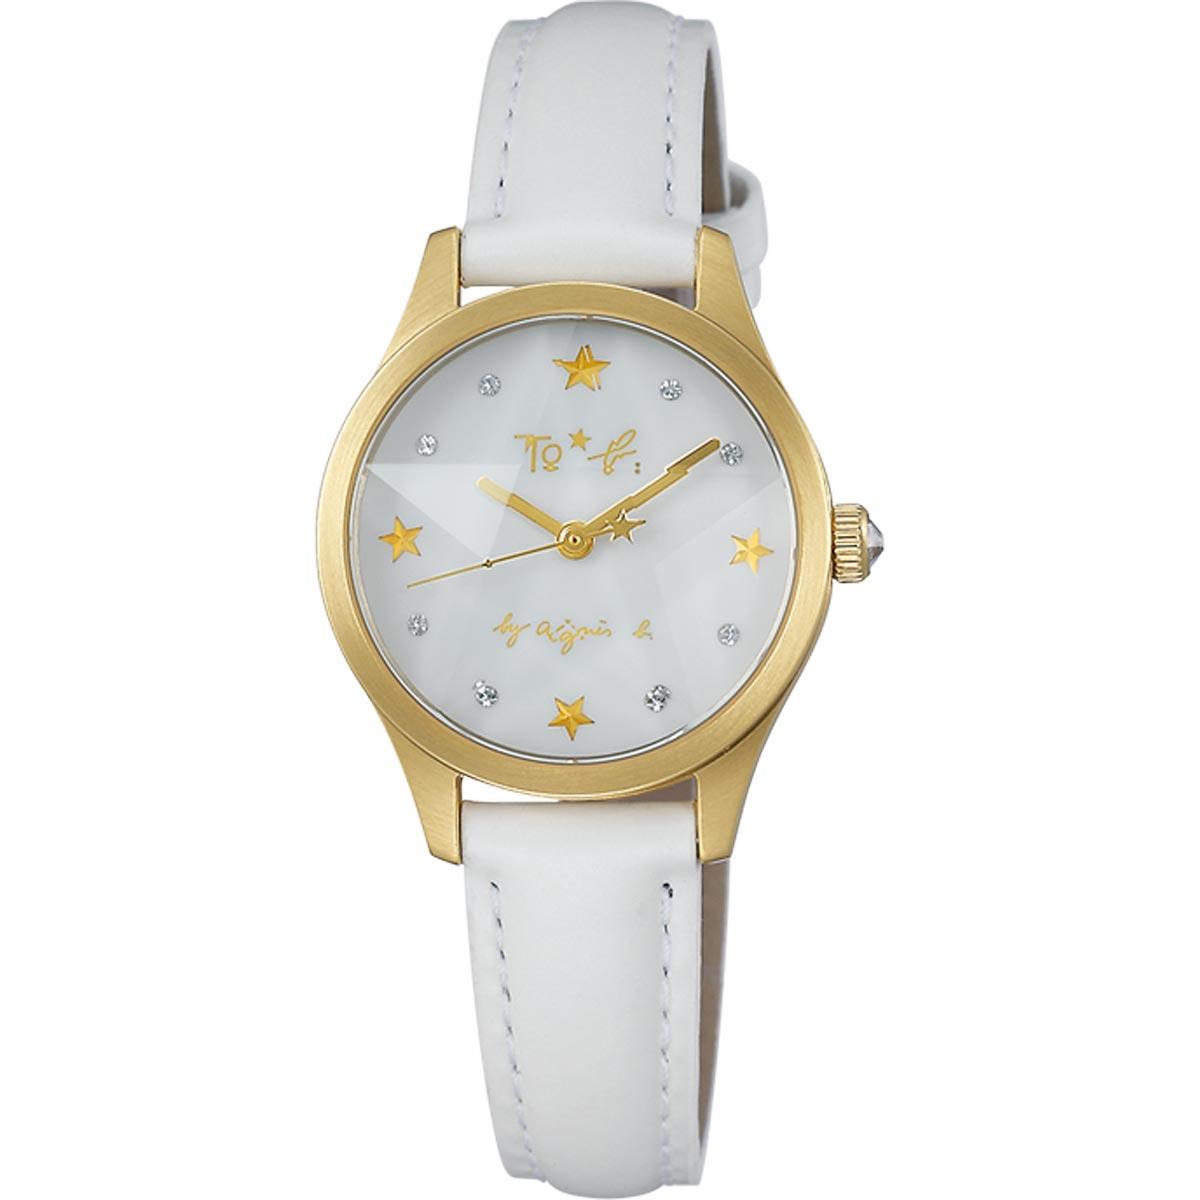 アニエスベー 腕時計 agnes b レディース 時計 スワロフスキー スター ホワイト/マットゴールド FCSK709 クリスマス限定モデル